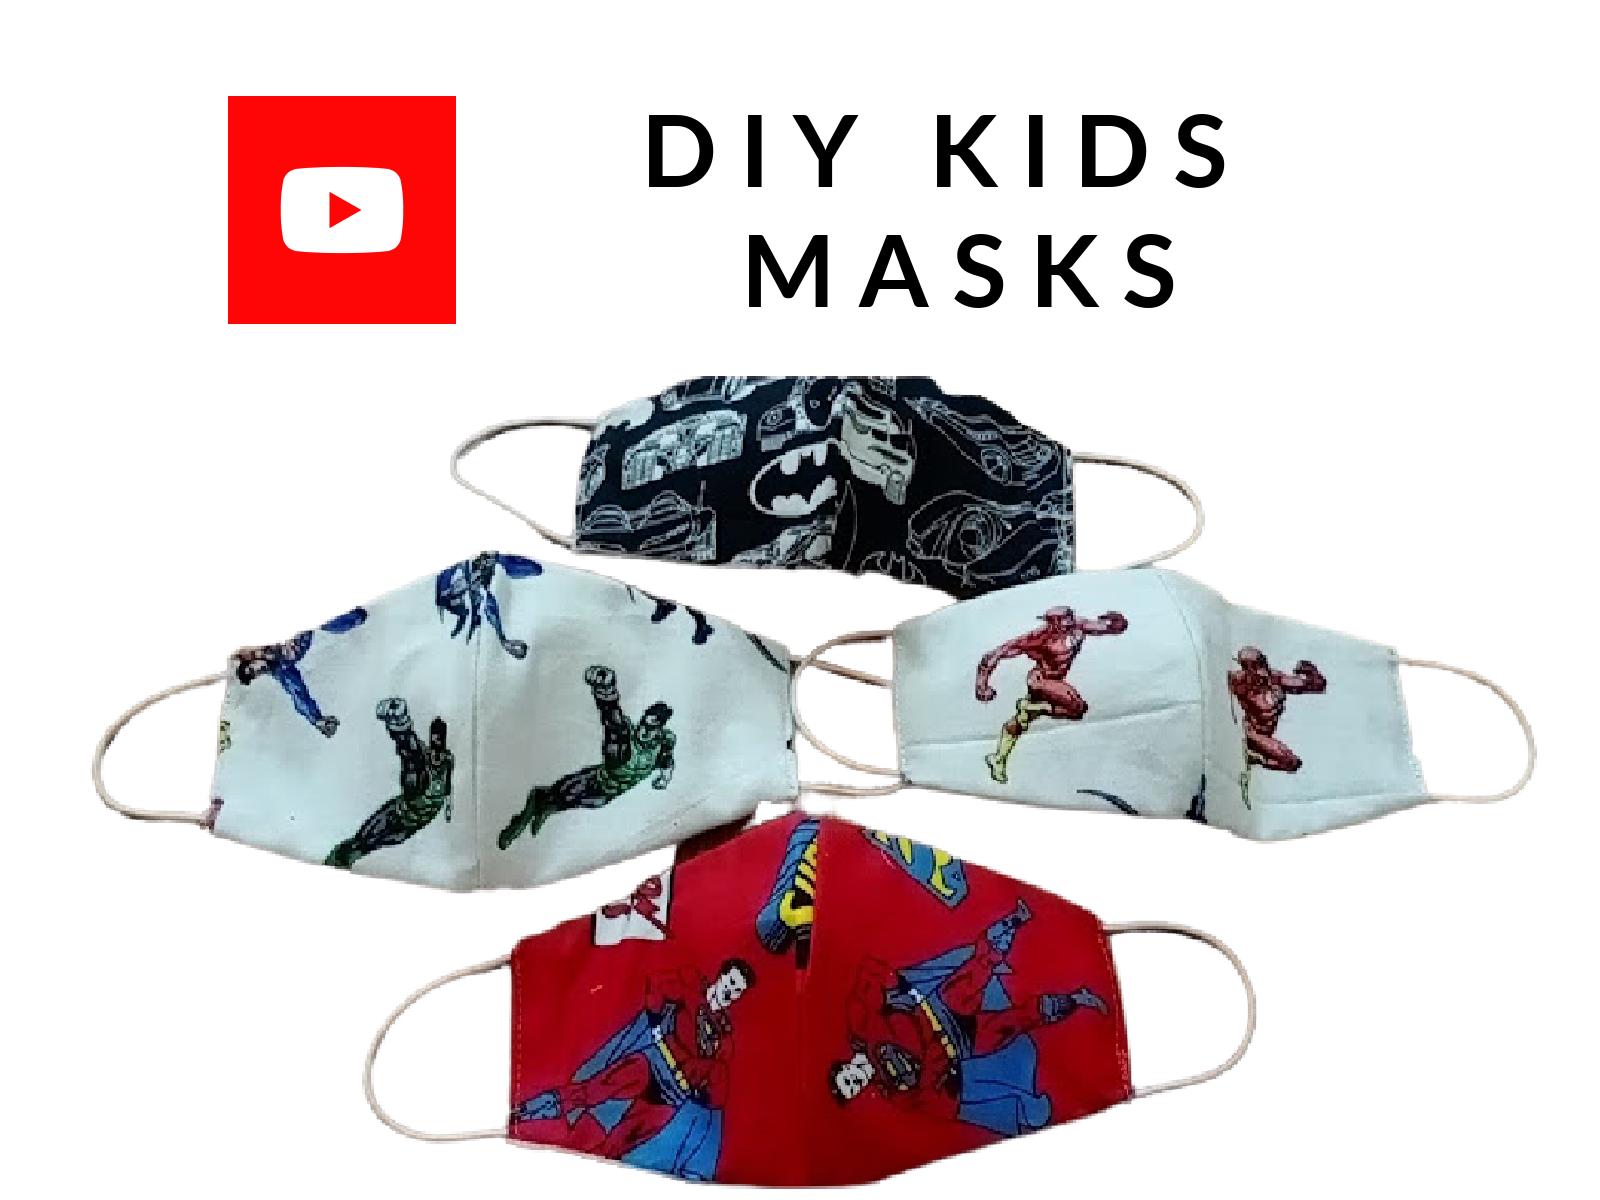 DIY KIDS FACE MASKS